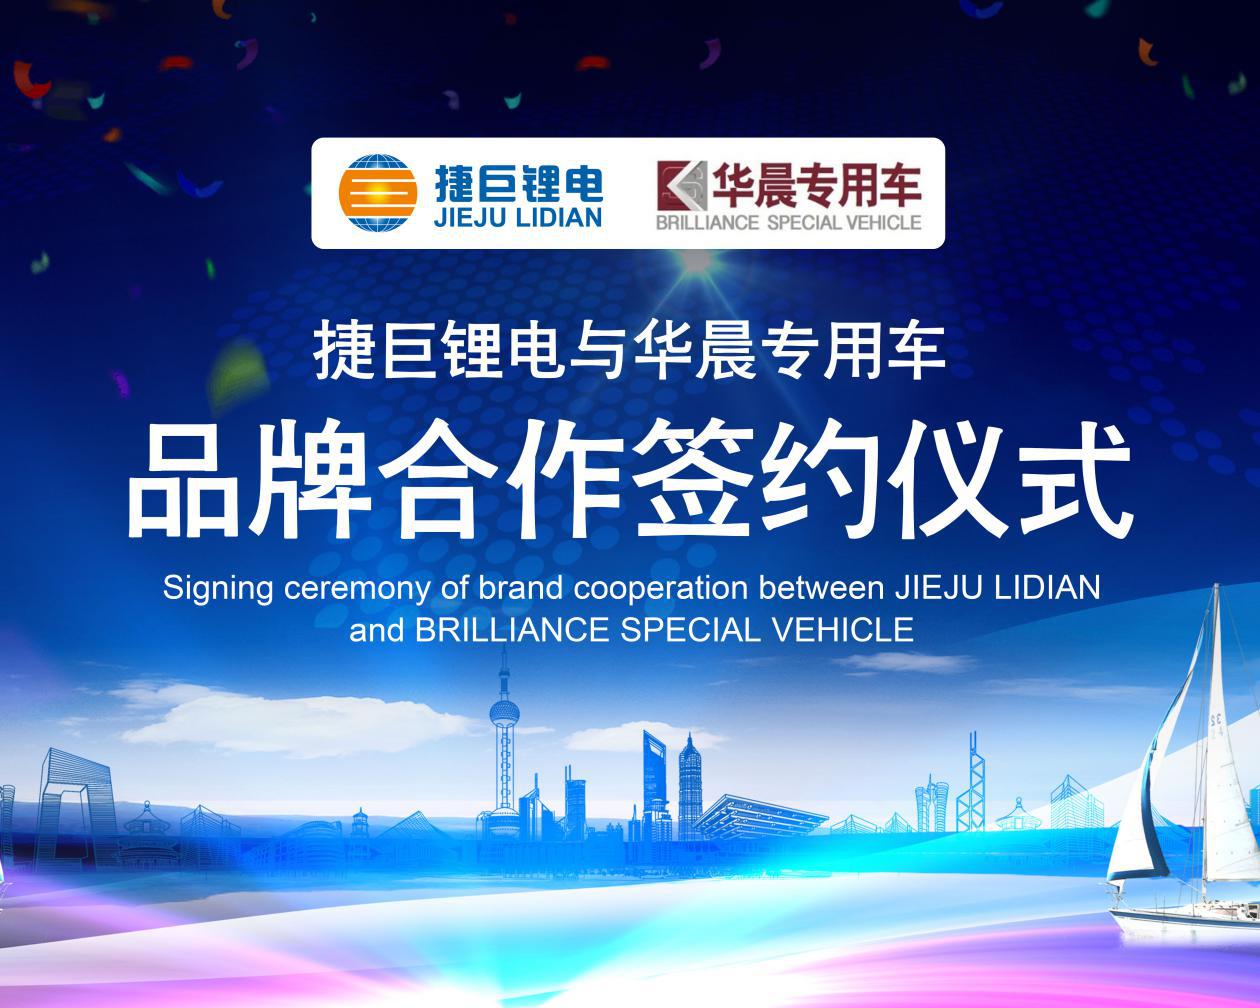 捷巨锂电与华晨专用车框架合作签约